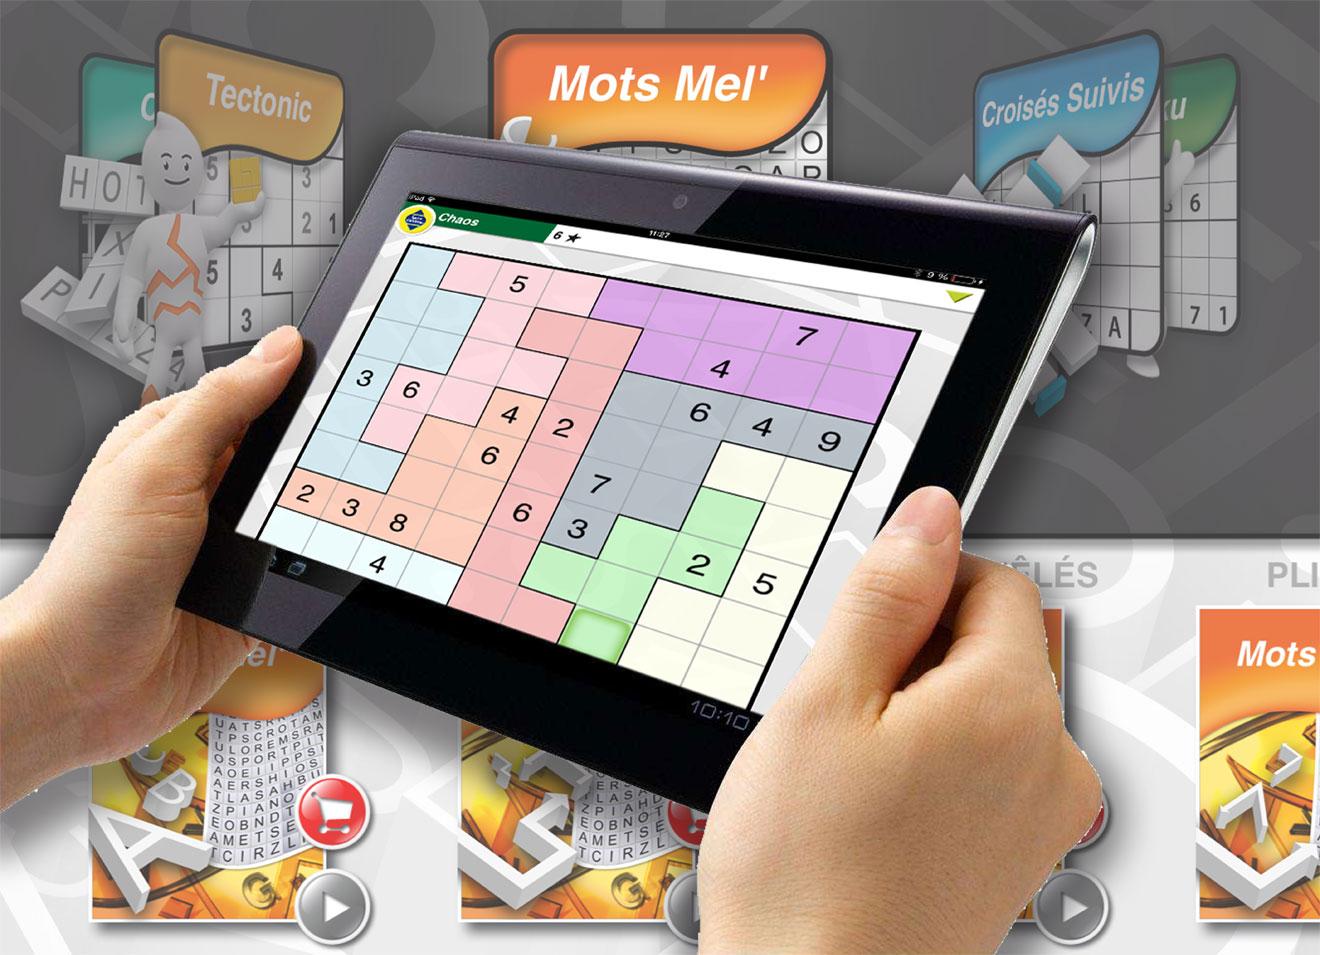 Test De L'application Ios Mots Fléchés - Mister Ipad destiné Telecharger Jeux Mots Fleches Gratuit